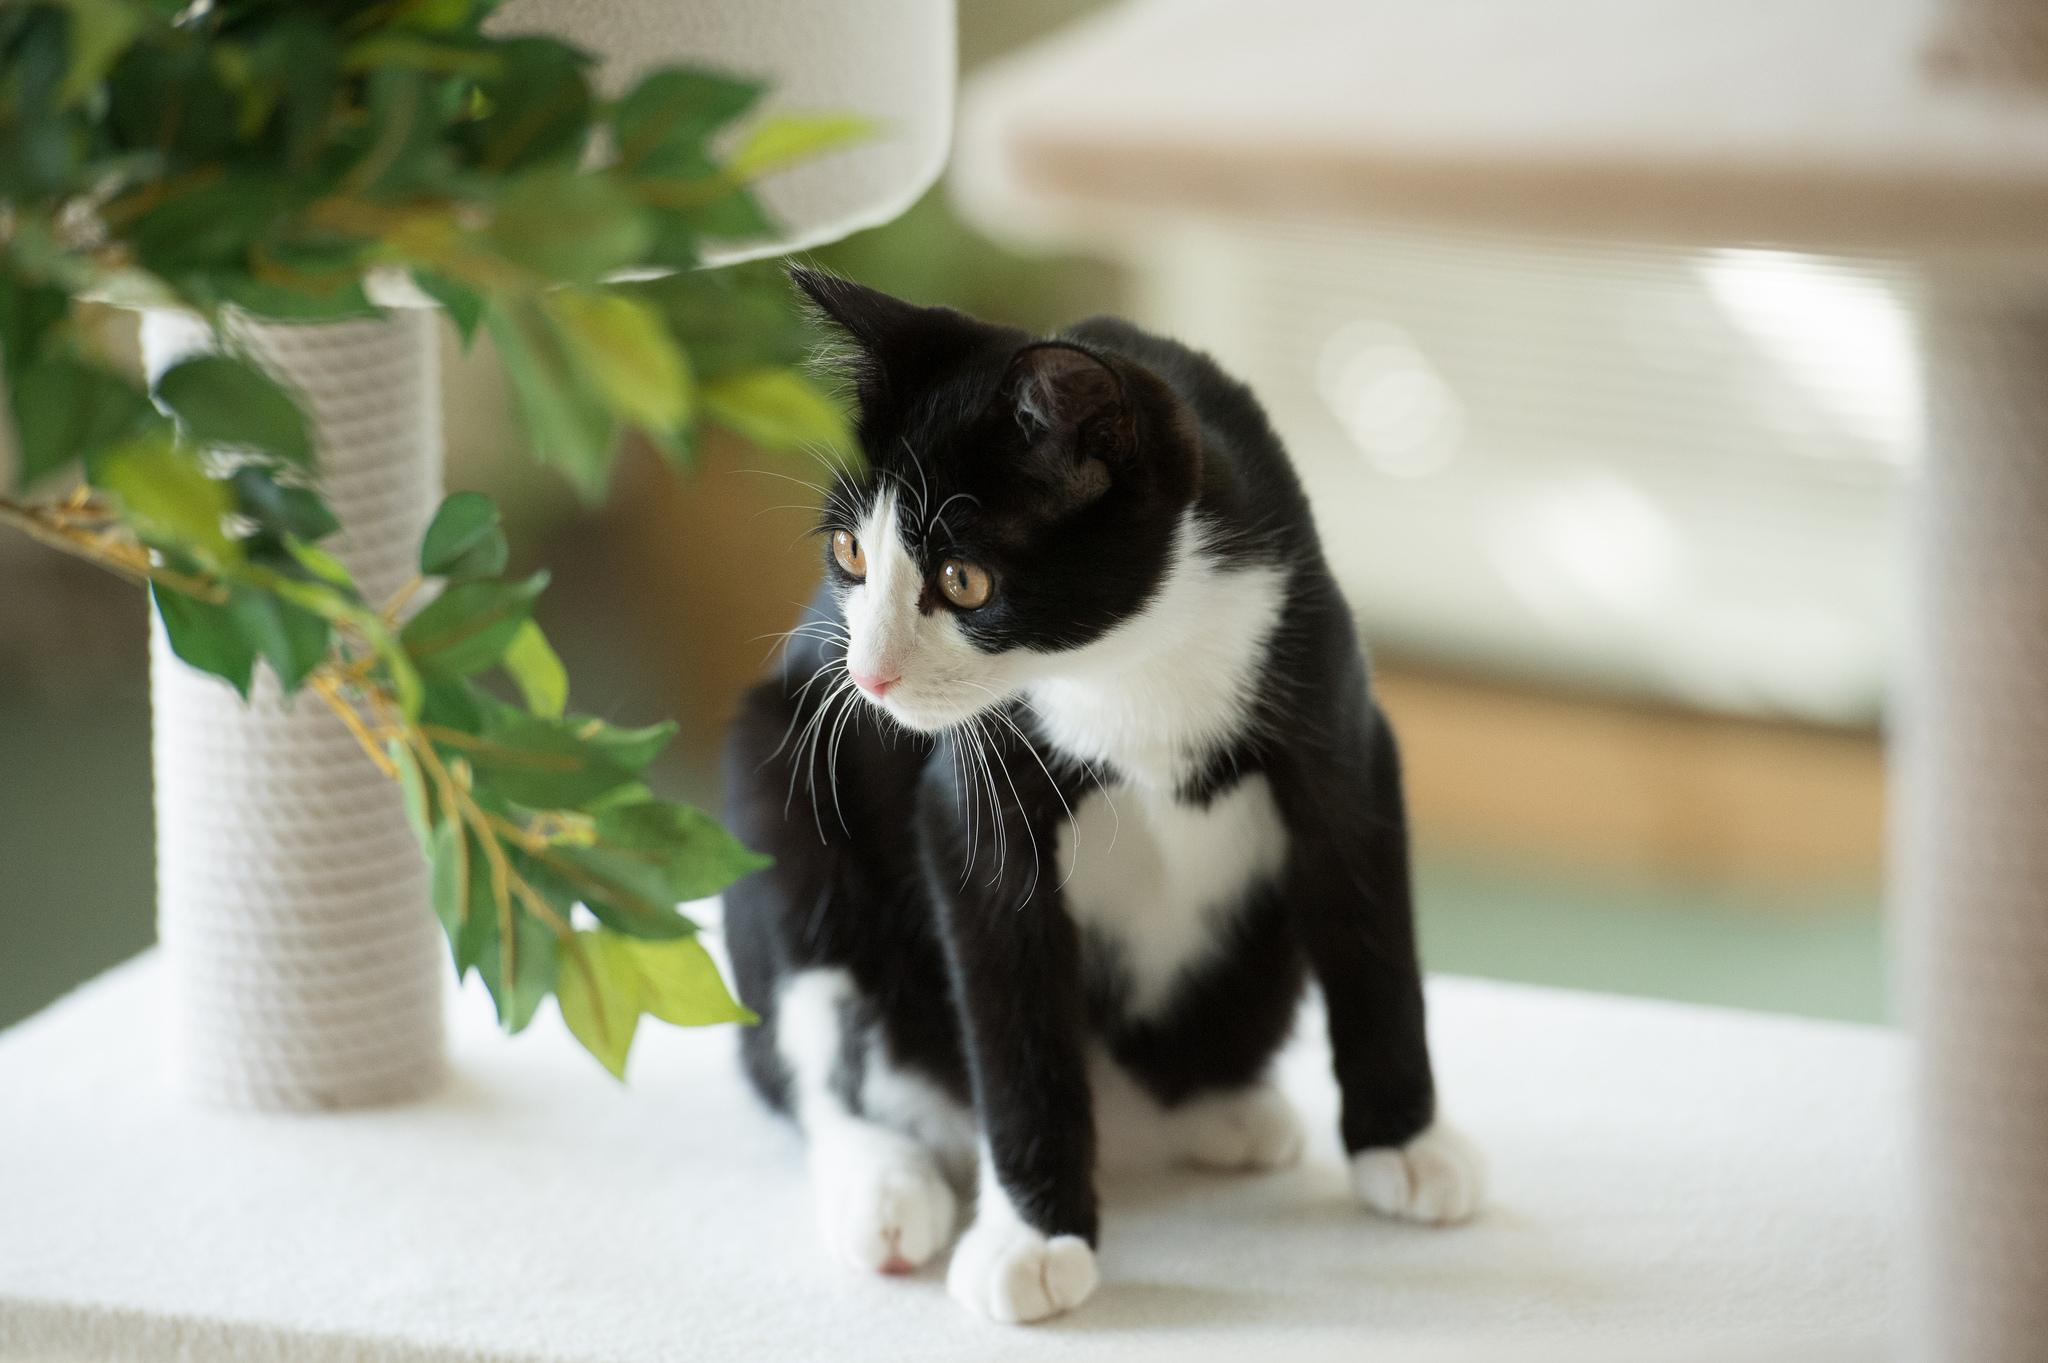 сейчас черный и белый котята на столе картинка уходе рынка корейцы